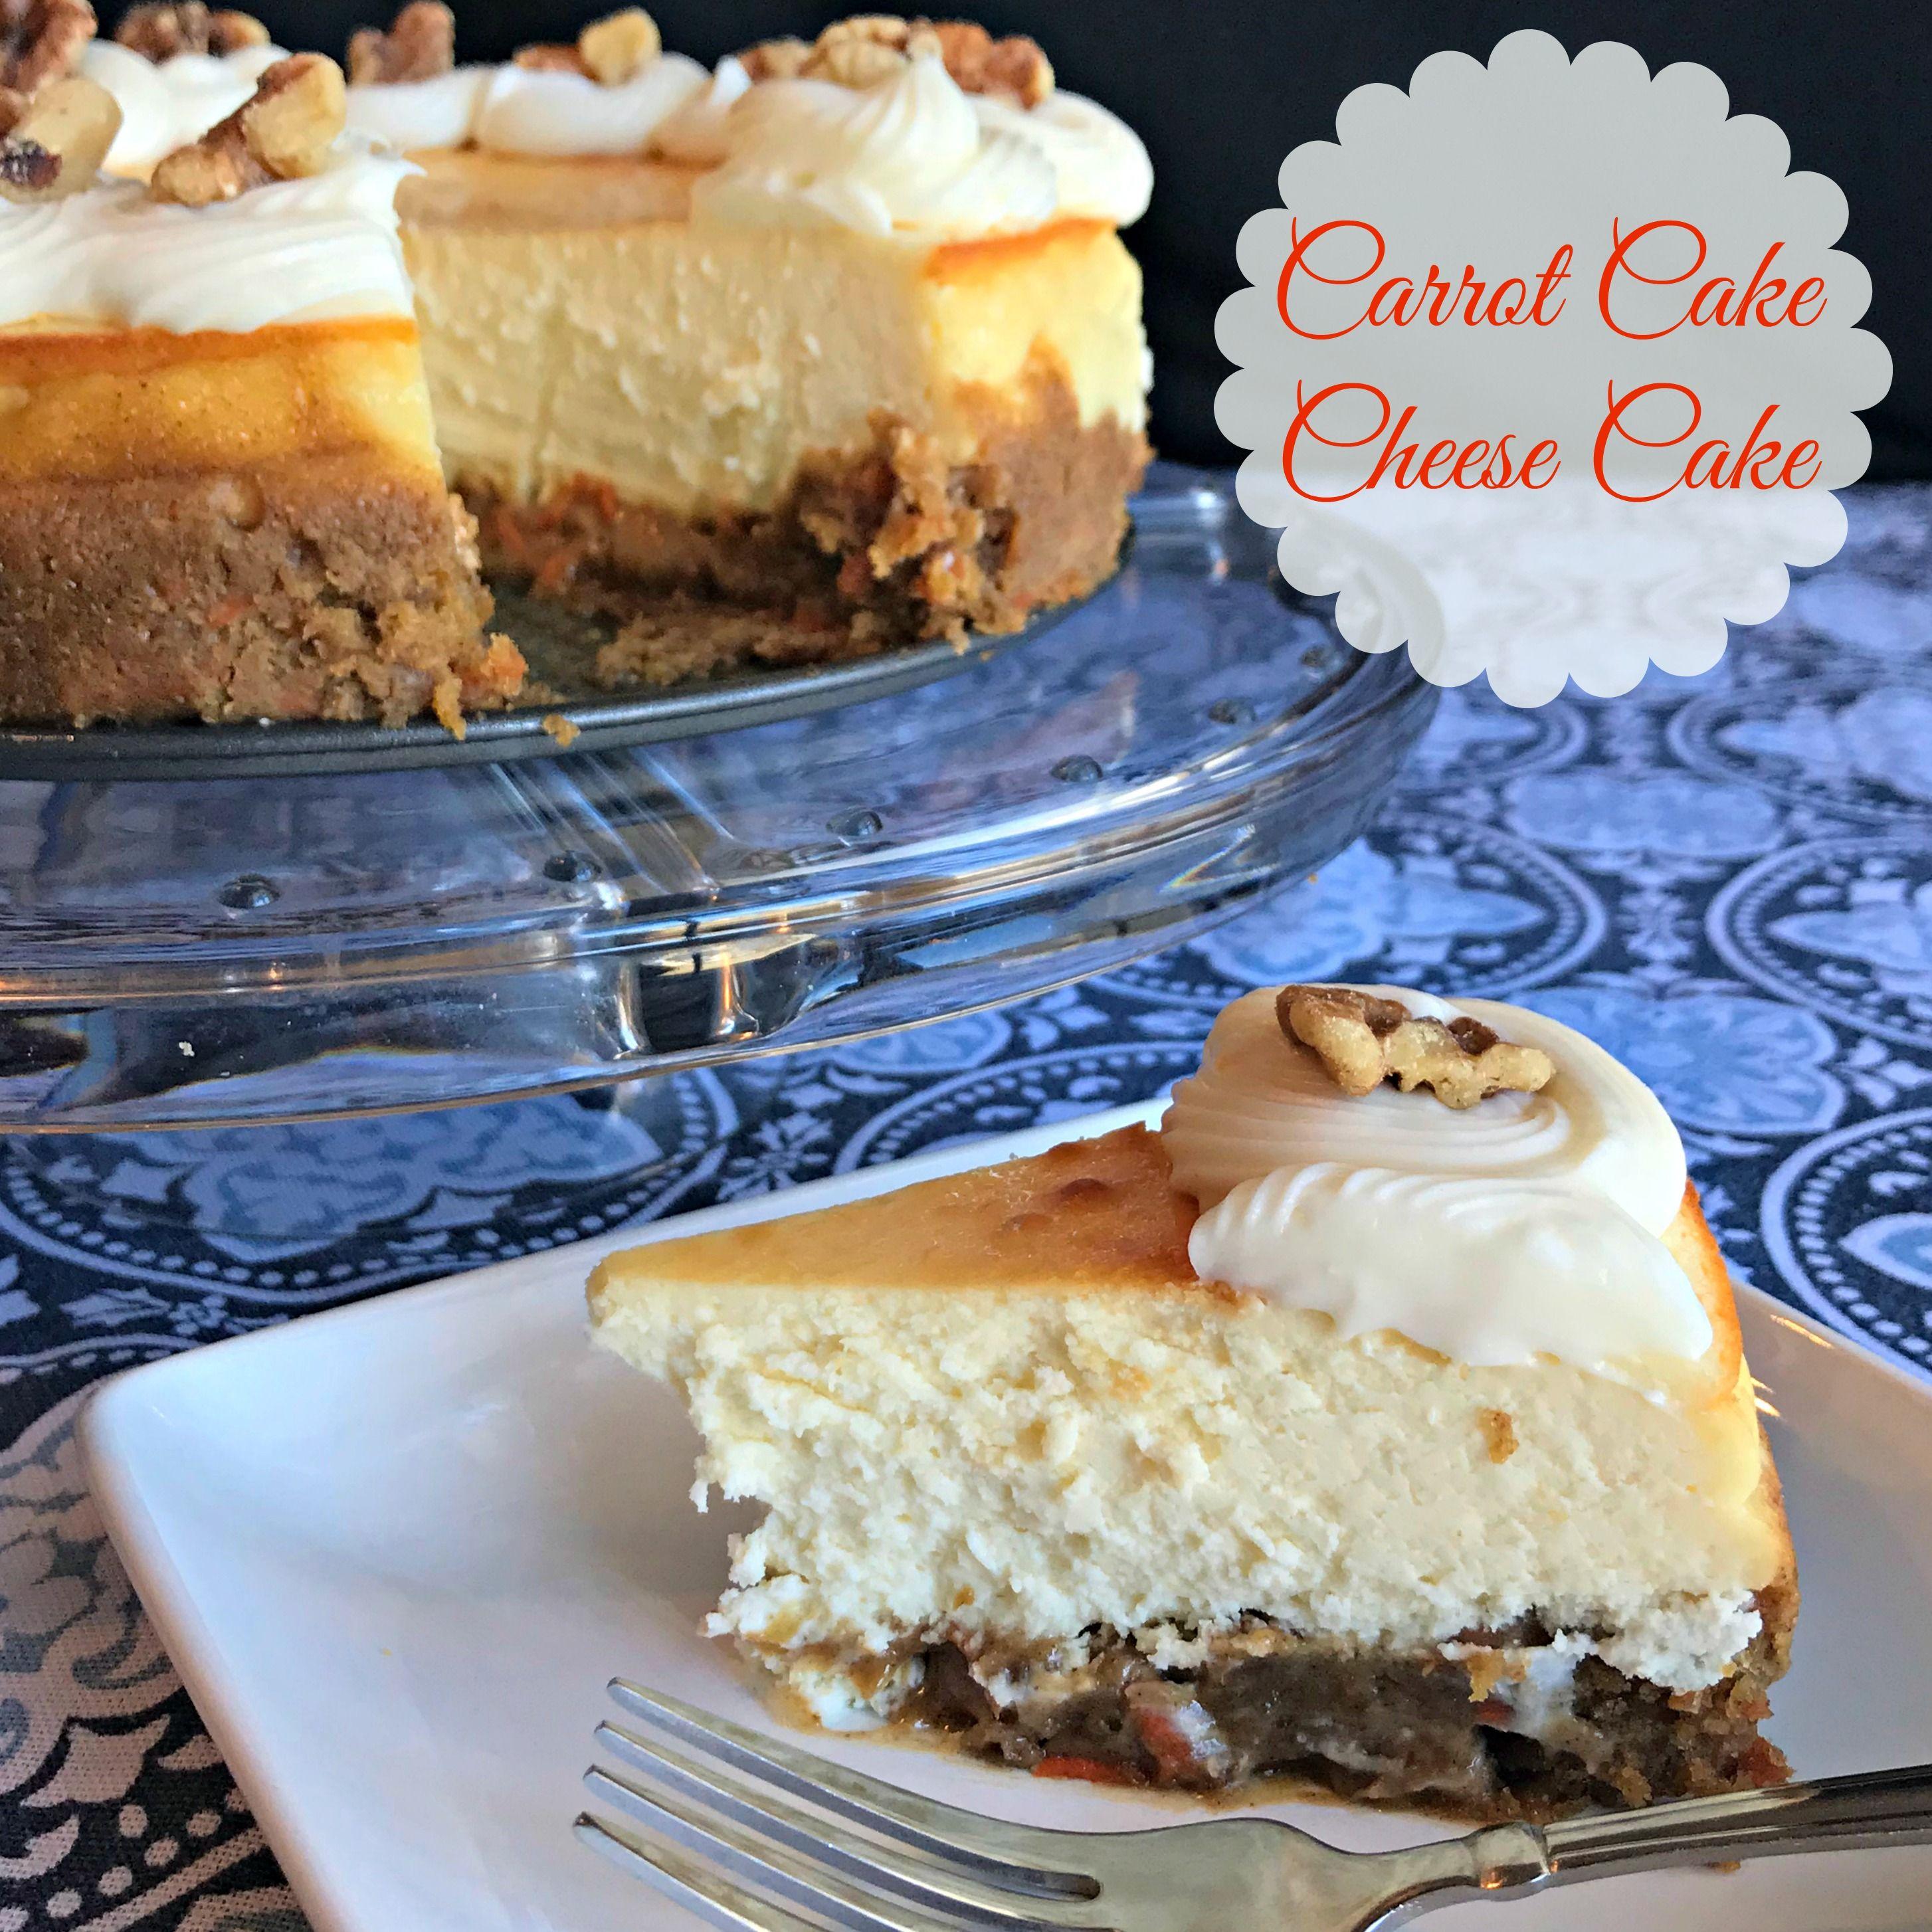 Carrot cake cheesecake recipe carrot cake cheesecake